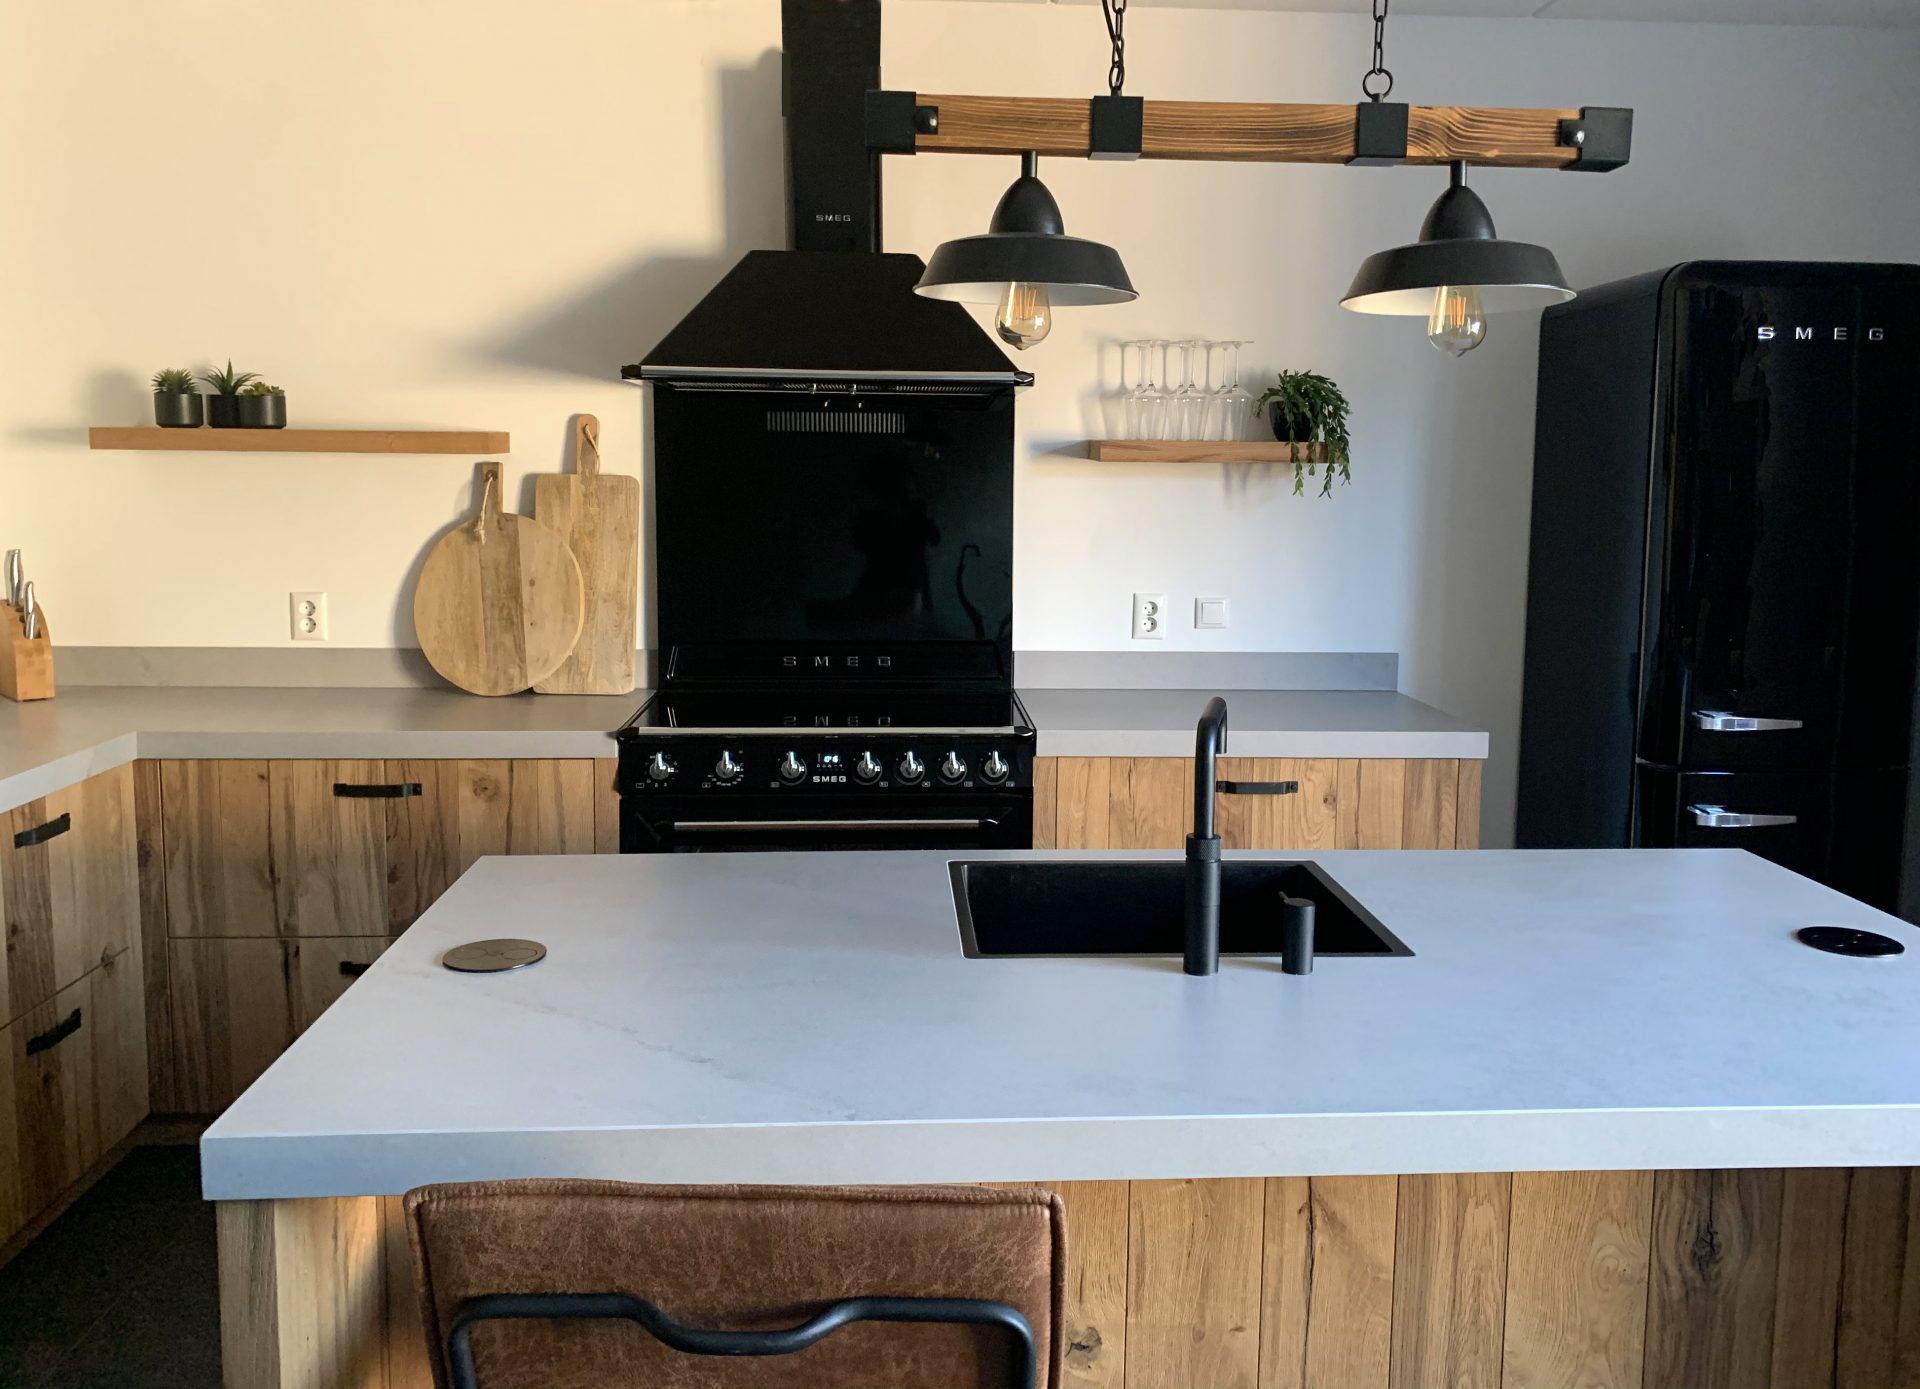 Houten keuken met kookeiland en jaren 50 koelkast